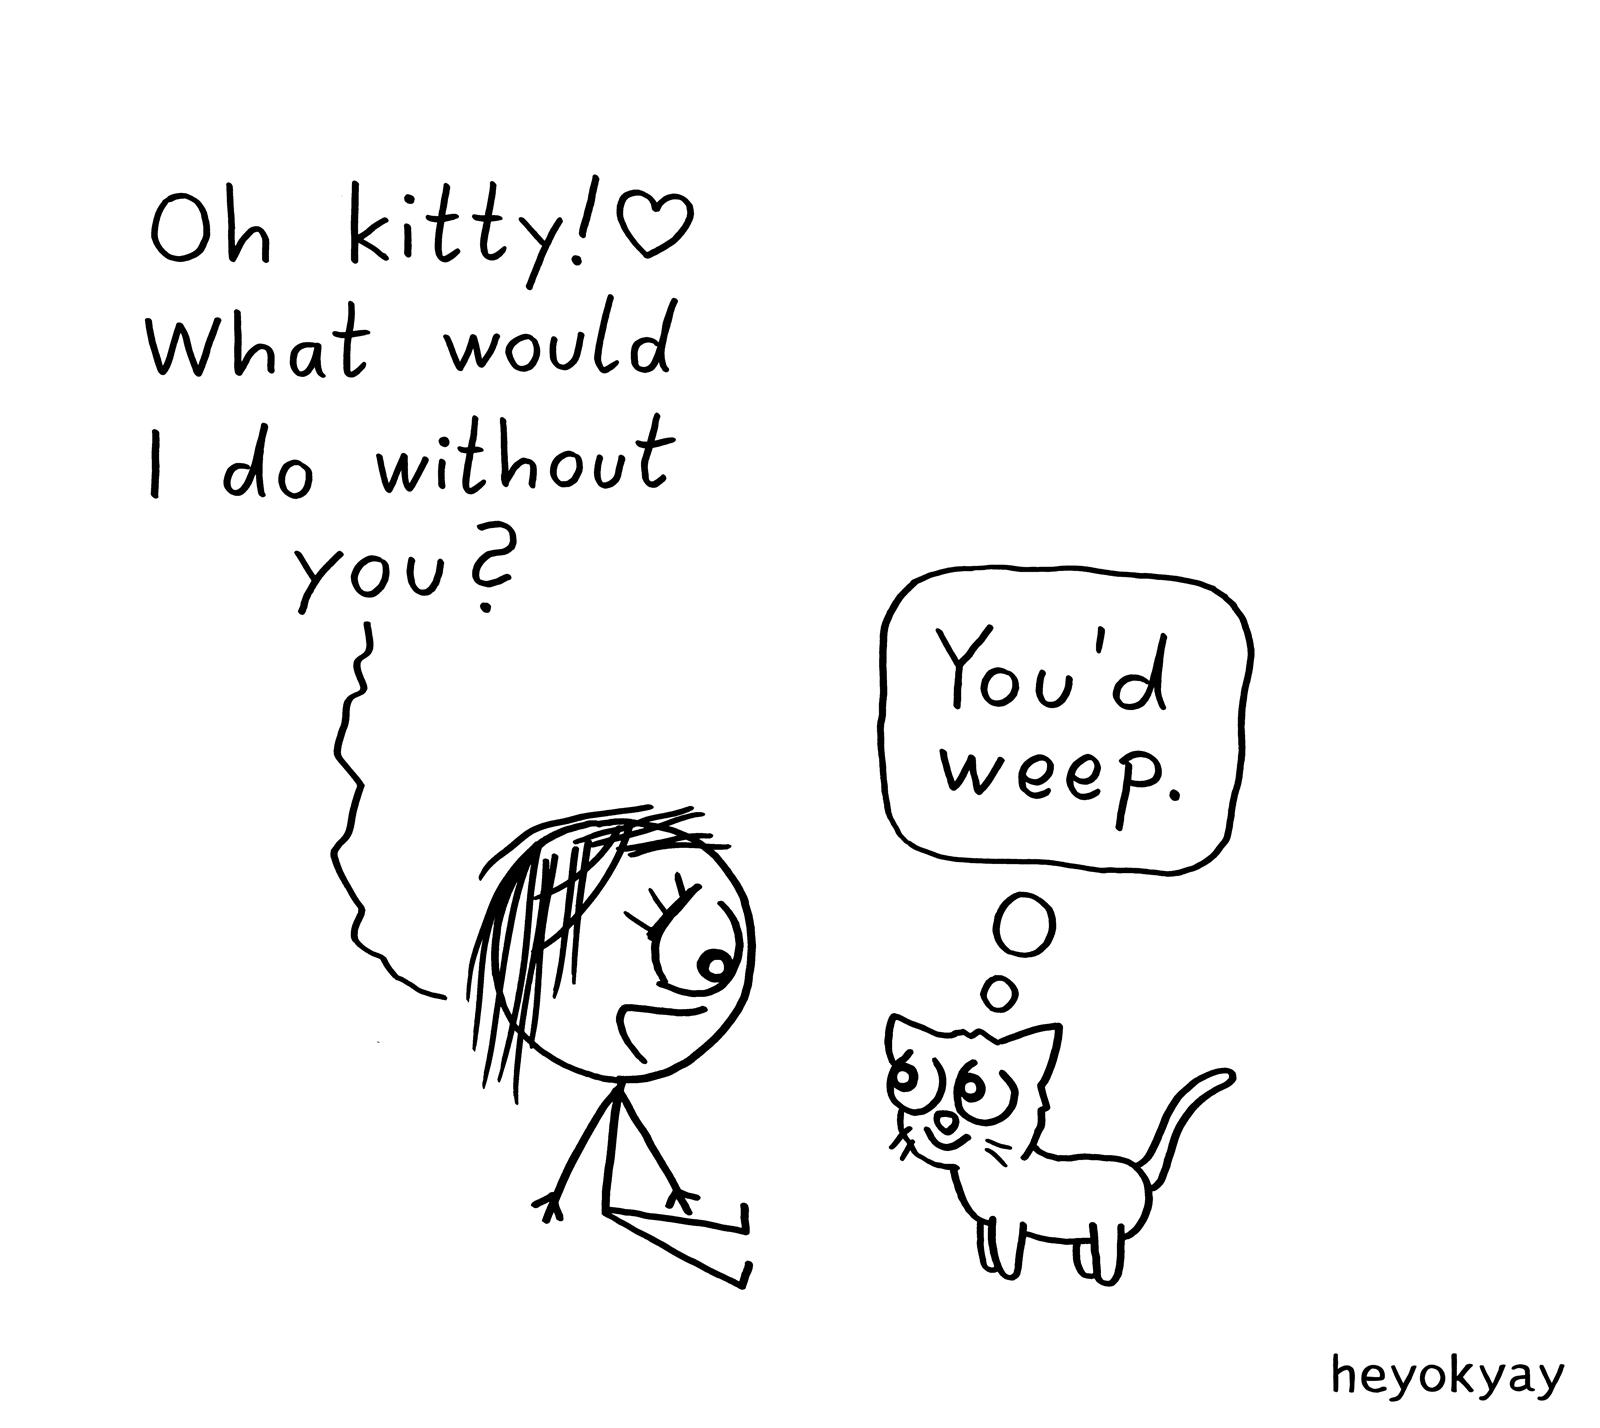 Without You heyokyay comic